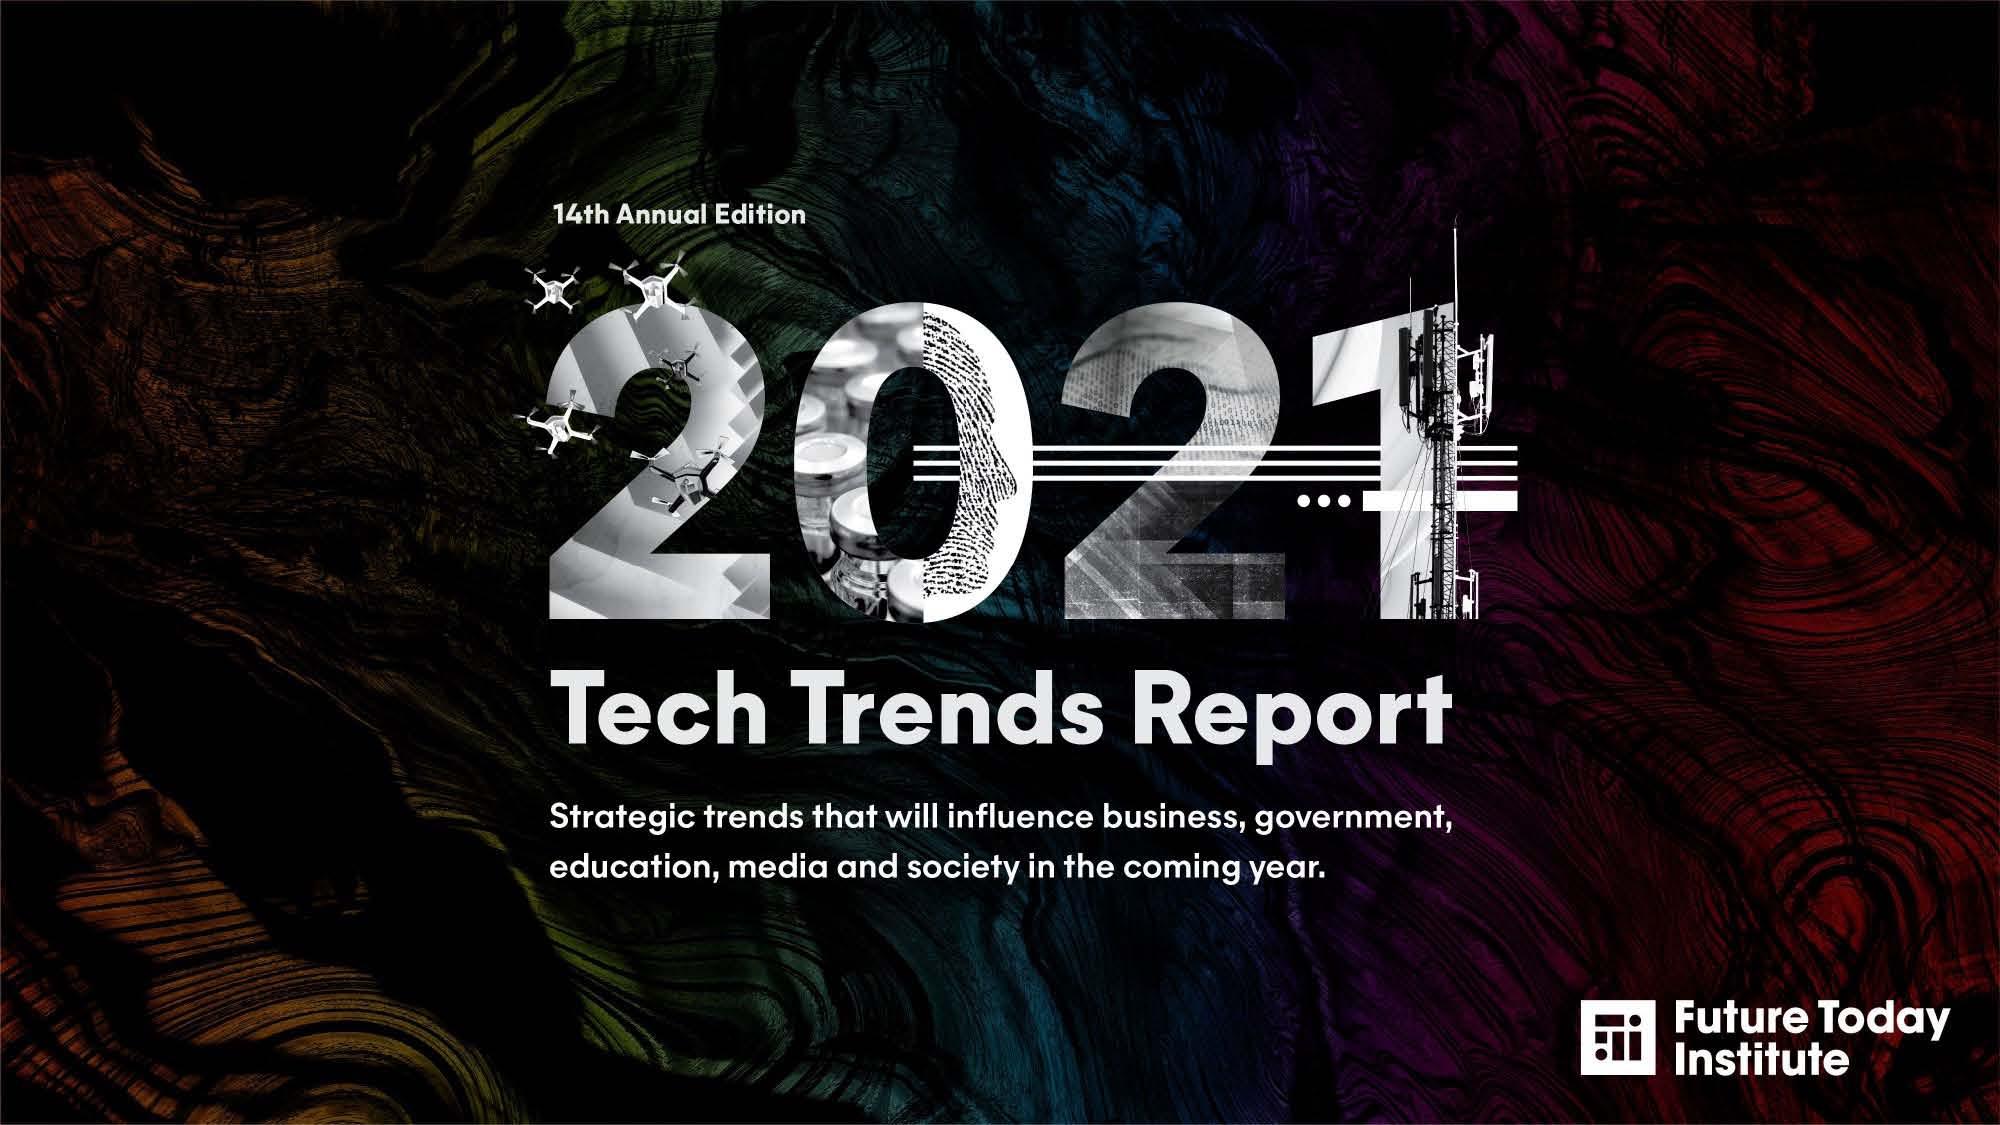 大数据研究报告,未来今日研究所-《2021科技趋势报告》!